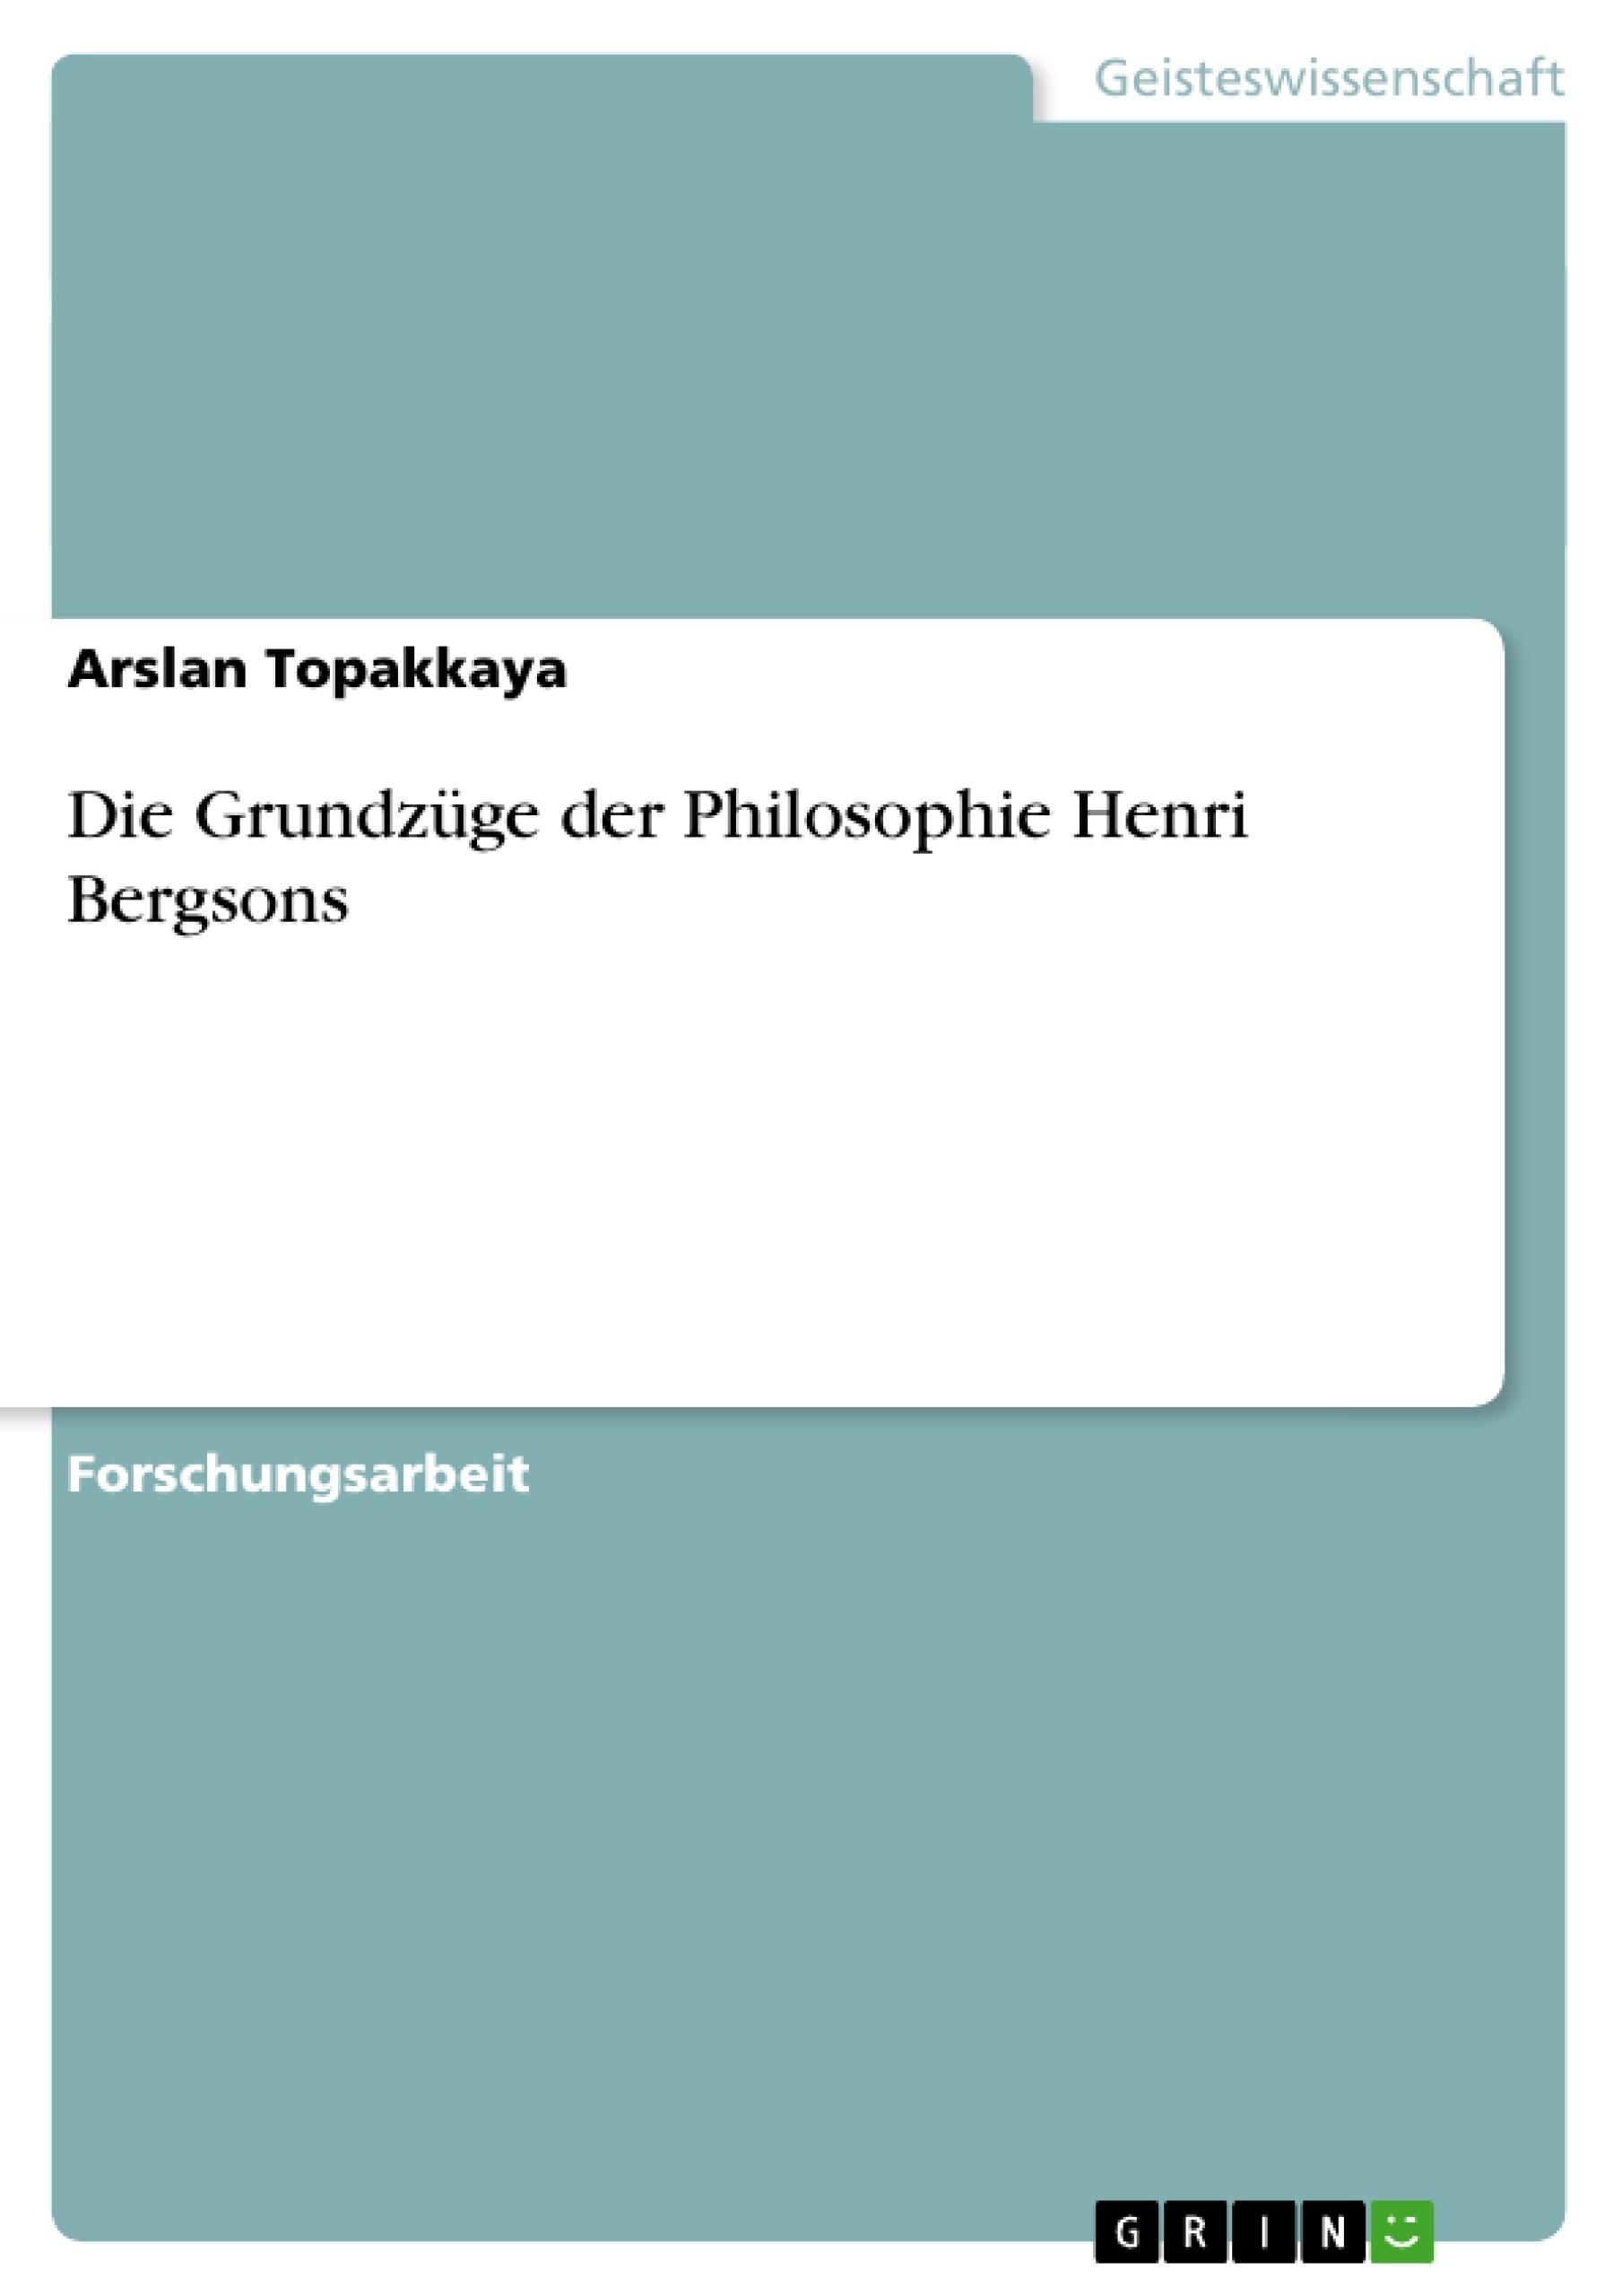 Titel: Die Grundzüge der Philosophie Henri Bergsons